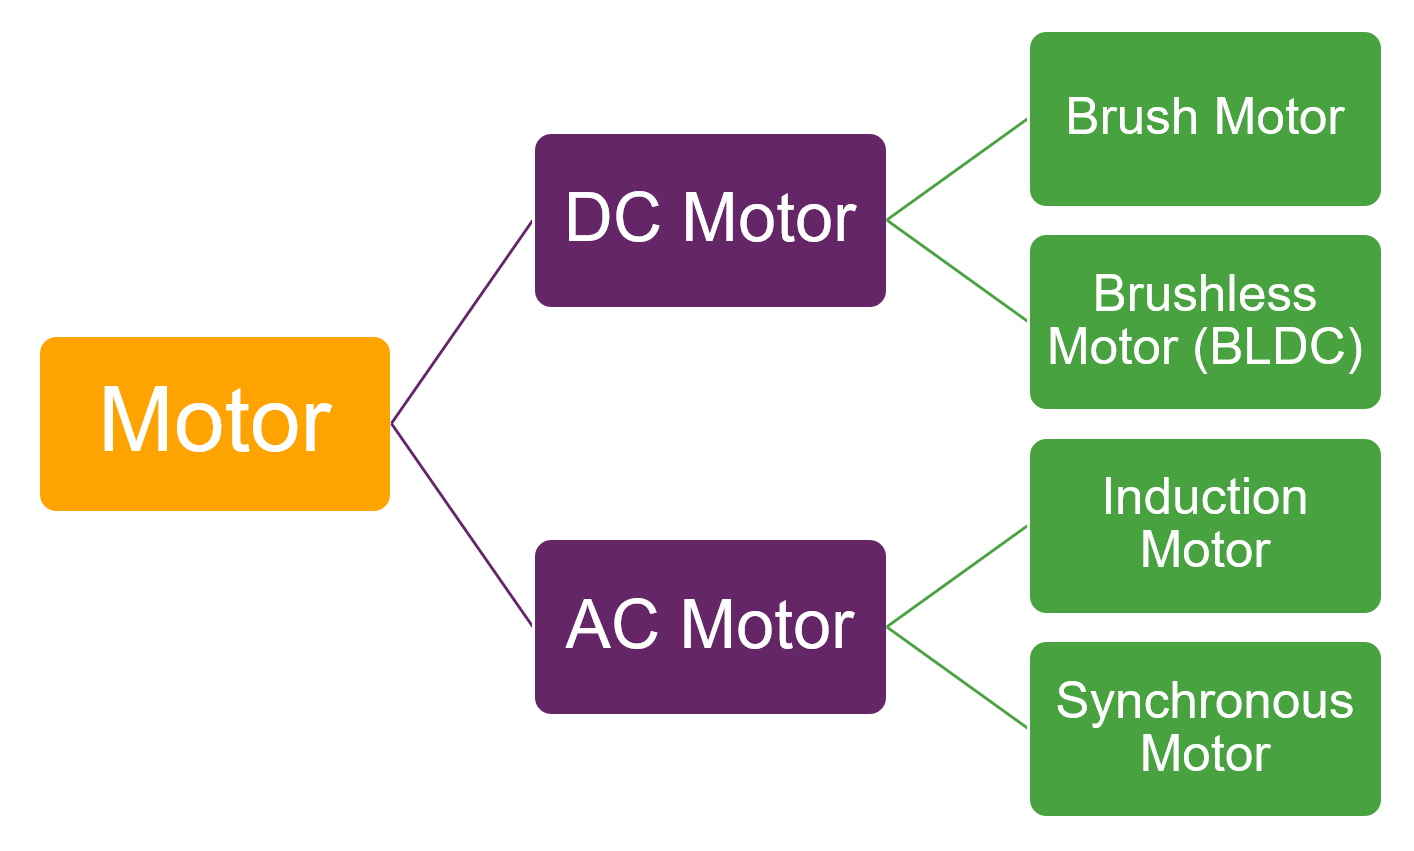 모터의 분류